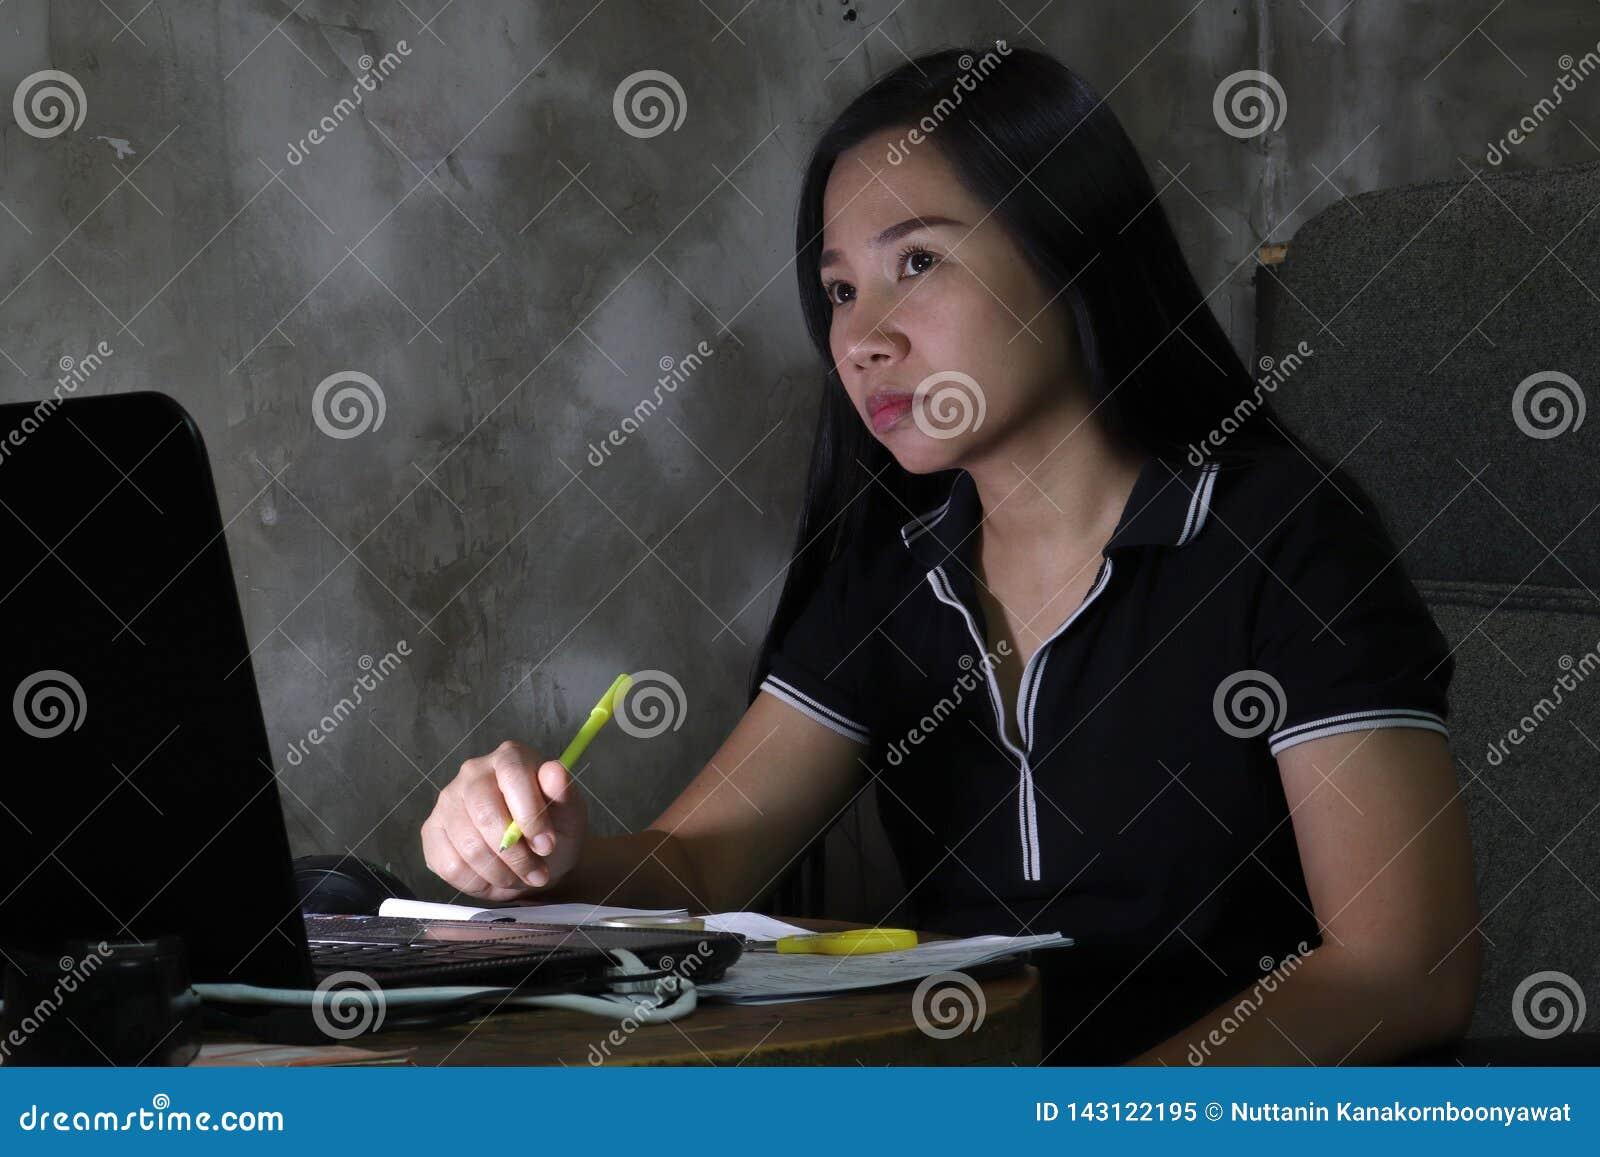 Aziatische vrouw die van huis laat bij nachtwerk in slecht verlichtingsconcept werken het donkere licht heeft wat korrel en lawaa